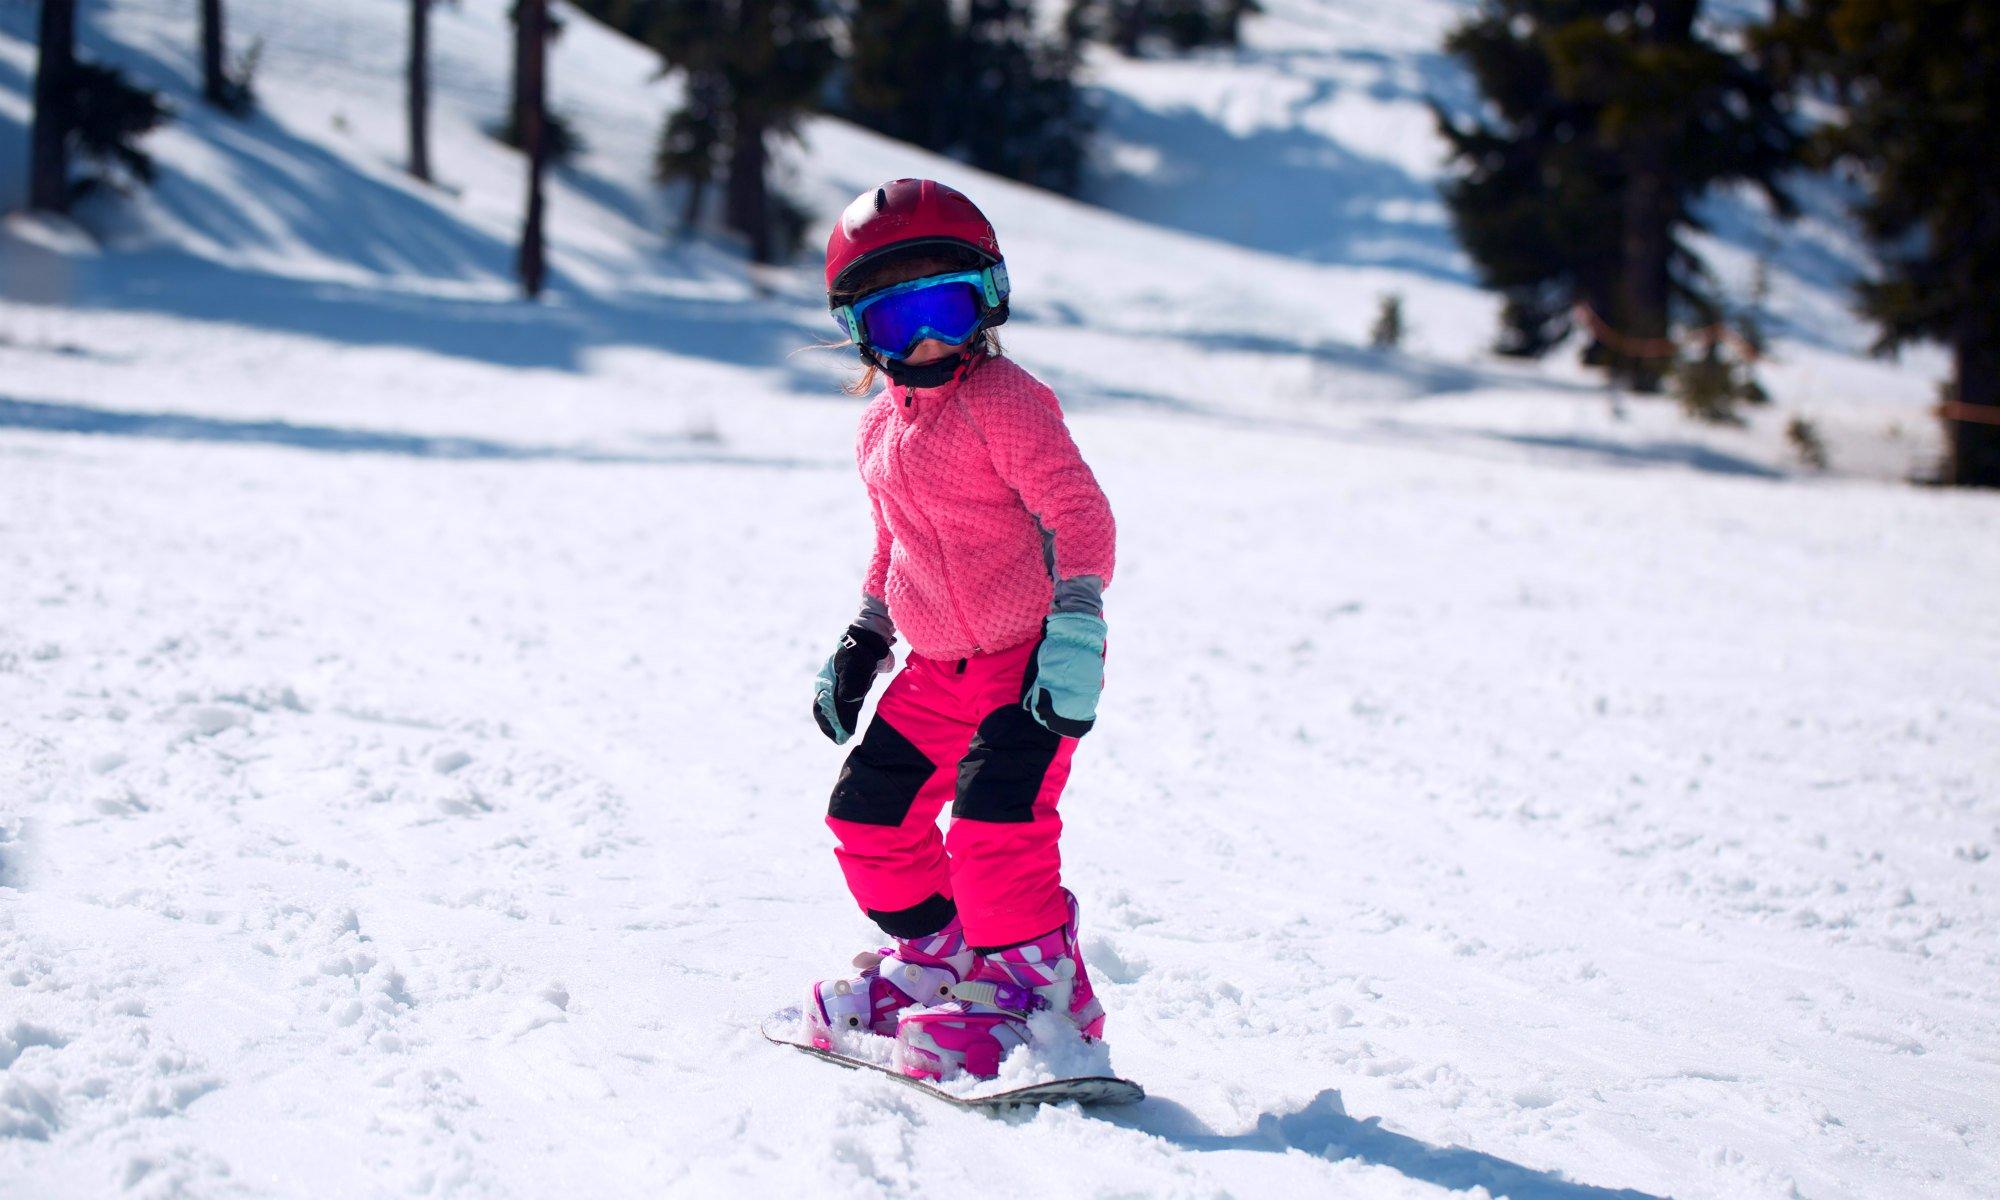 Una bambina scivola sulla sua tavola da snowboard lungo un pendio dolce.